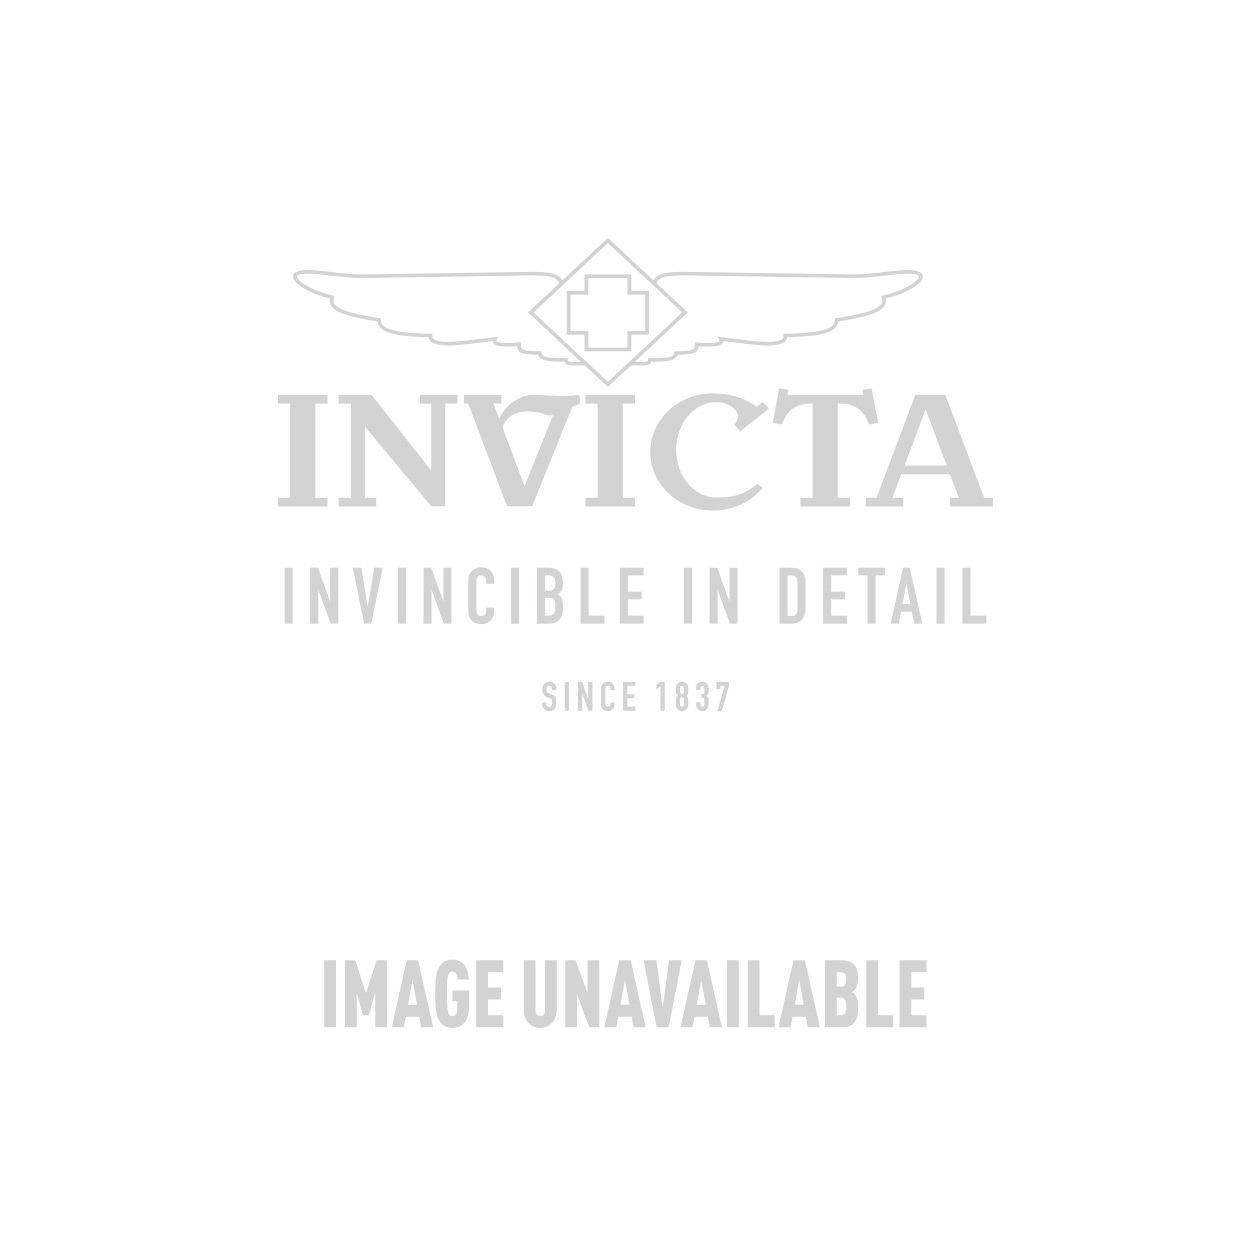 Invicta Model 25618